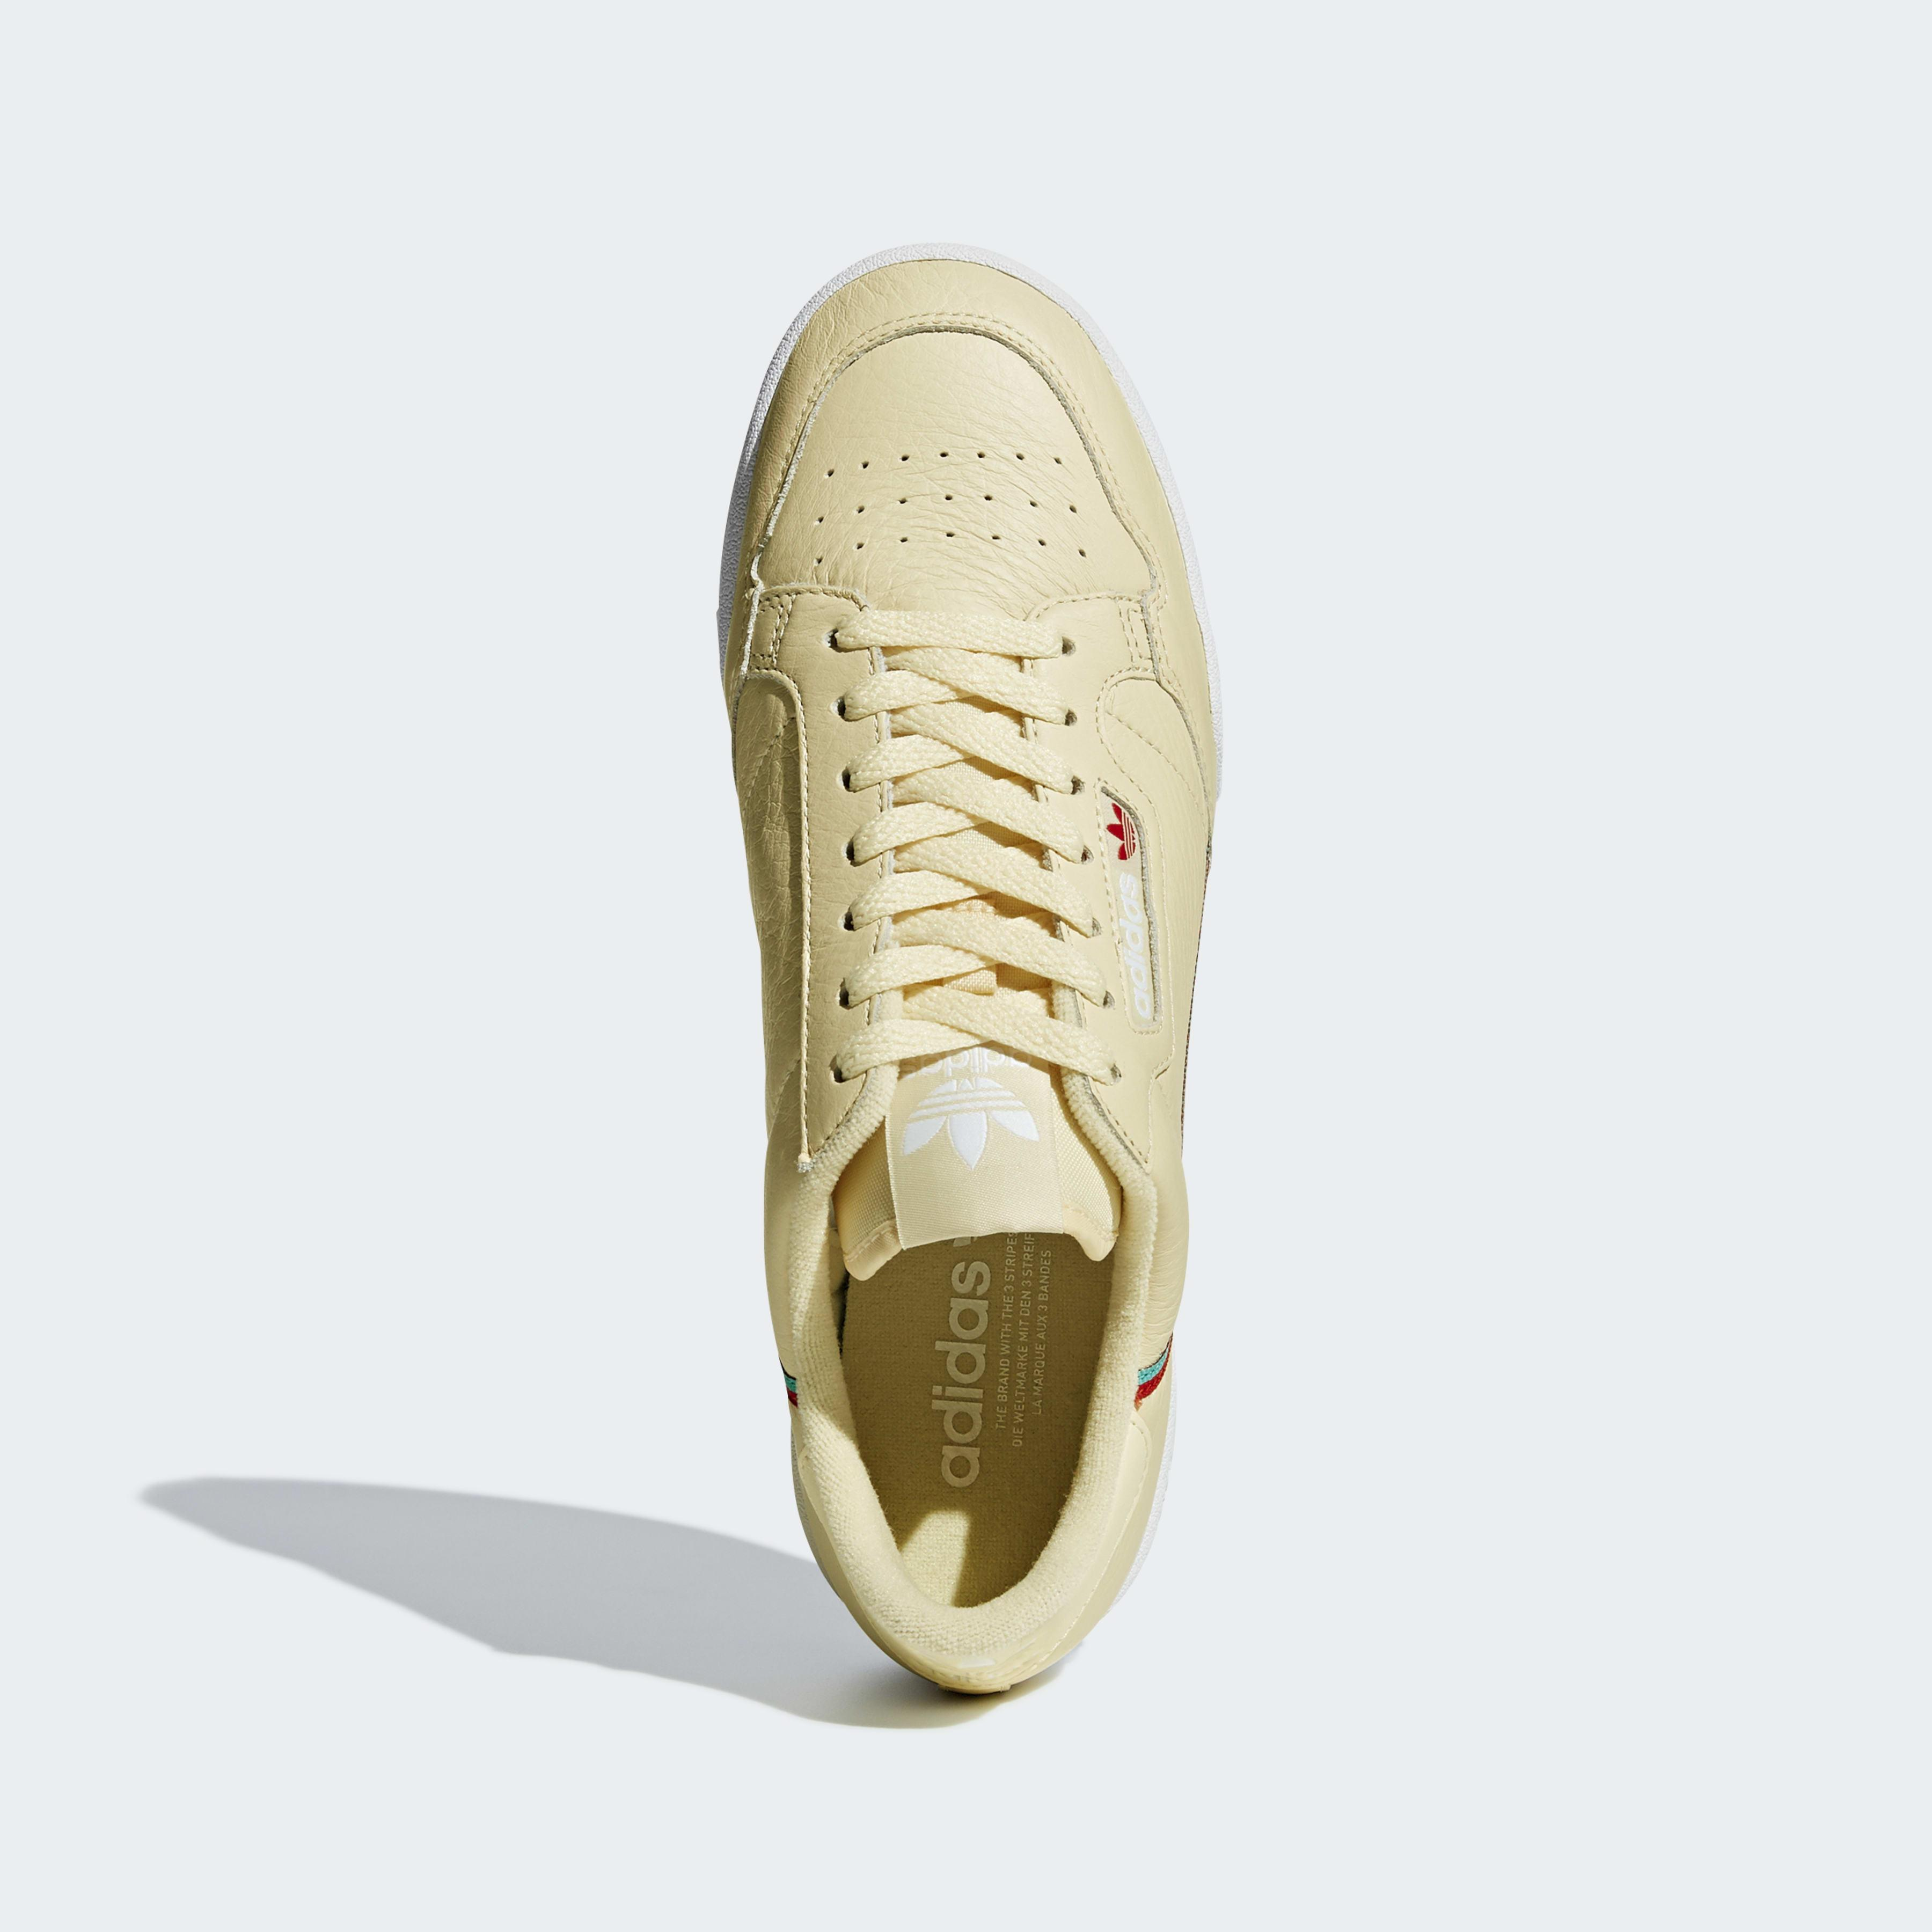 Herren 80 Continental Für In Schuh Adidas Yellow thxCQrdBs